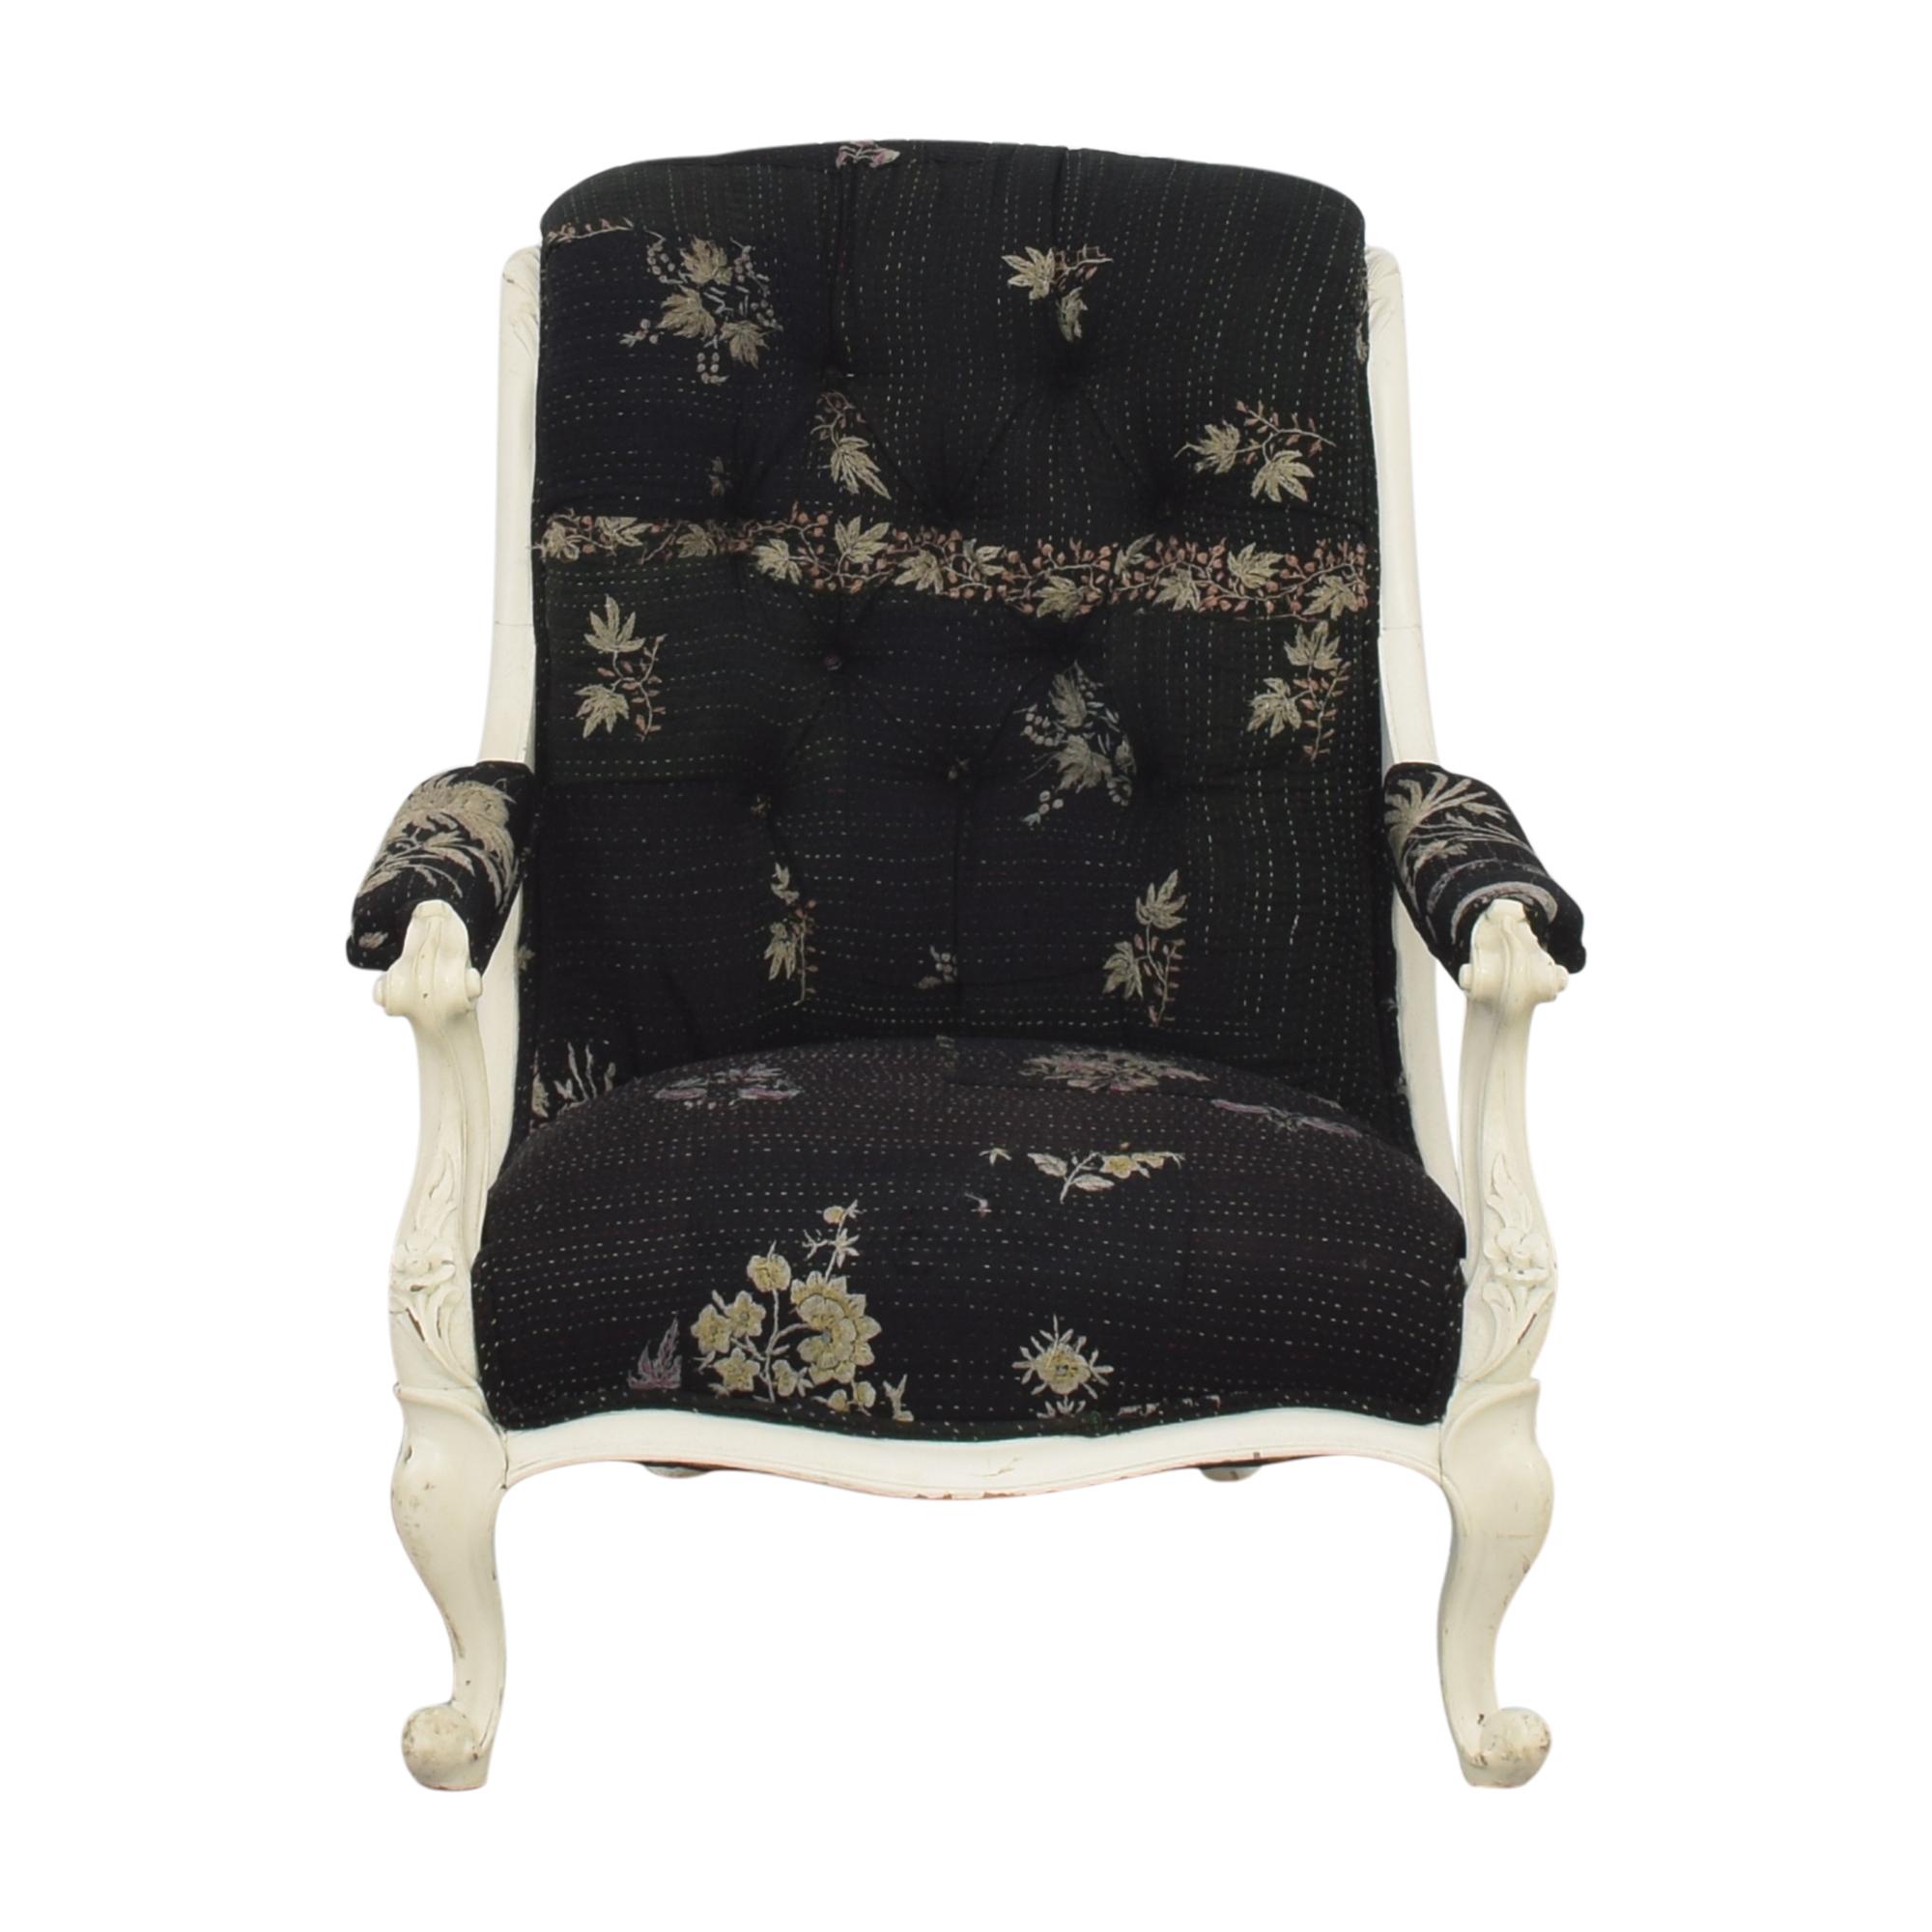 Ralph Lauren Home Ralph Lauren Home Accent Chair second hand